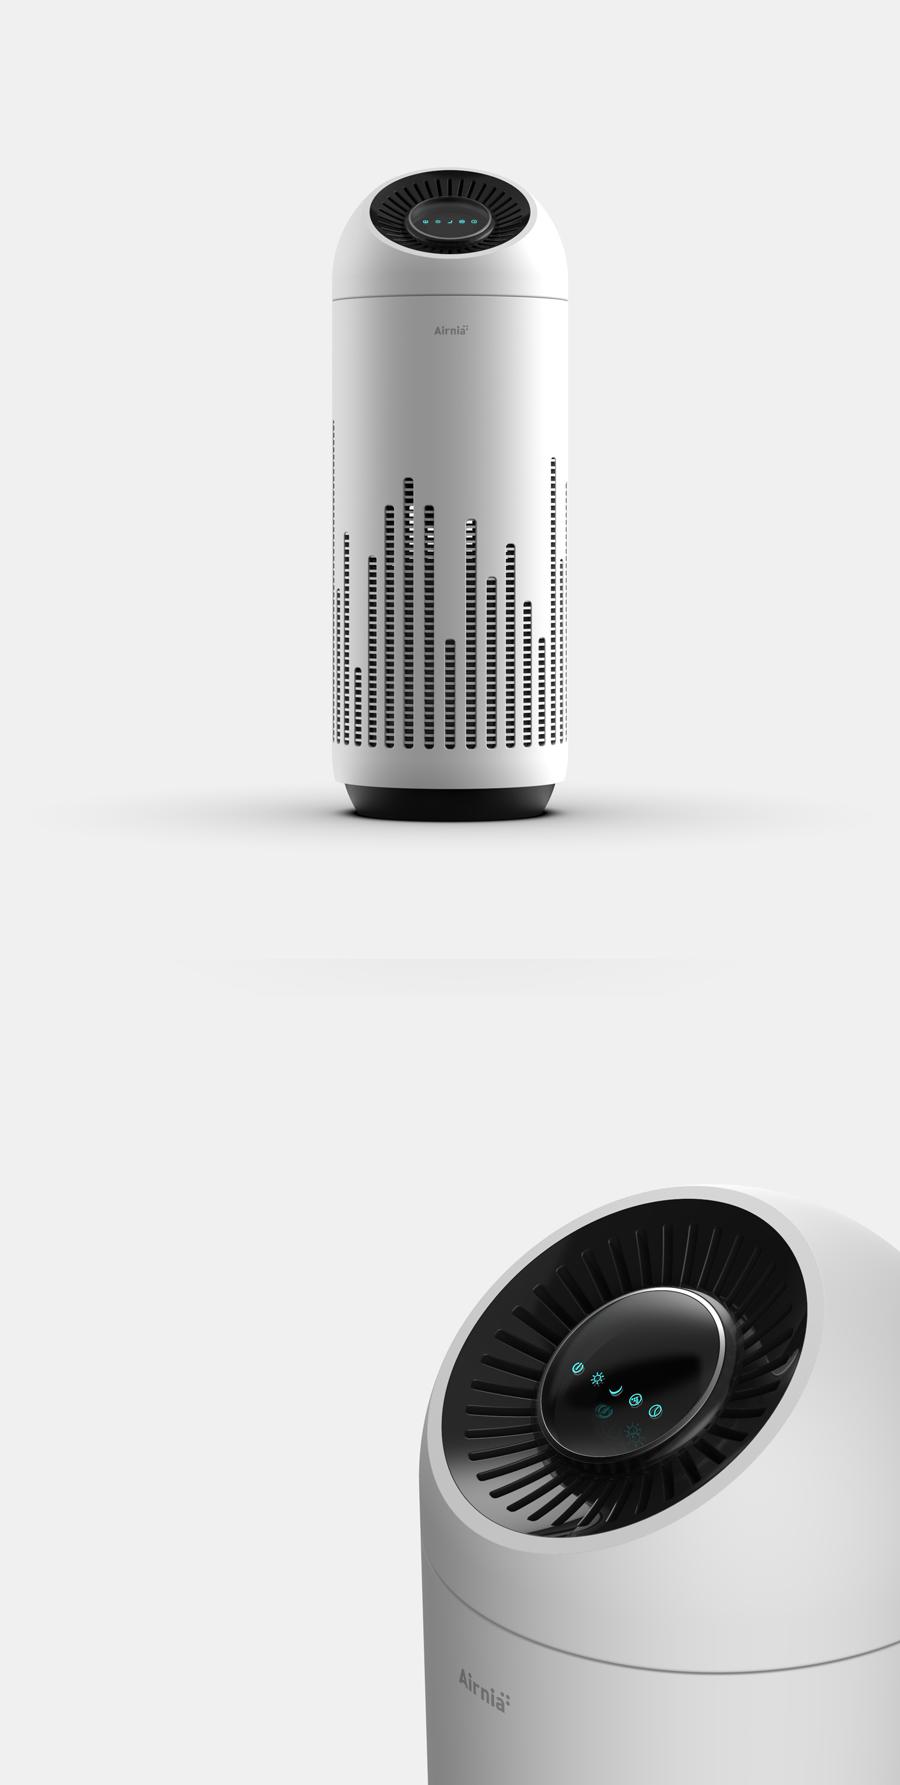 사용자의 생활 환경을 배려한 거실용 공기청정기 제품 디자인 디자인 제품디자인 공기청정기 산업디자인